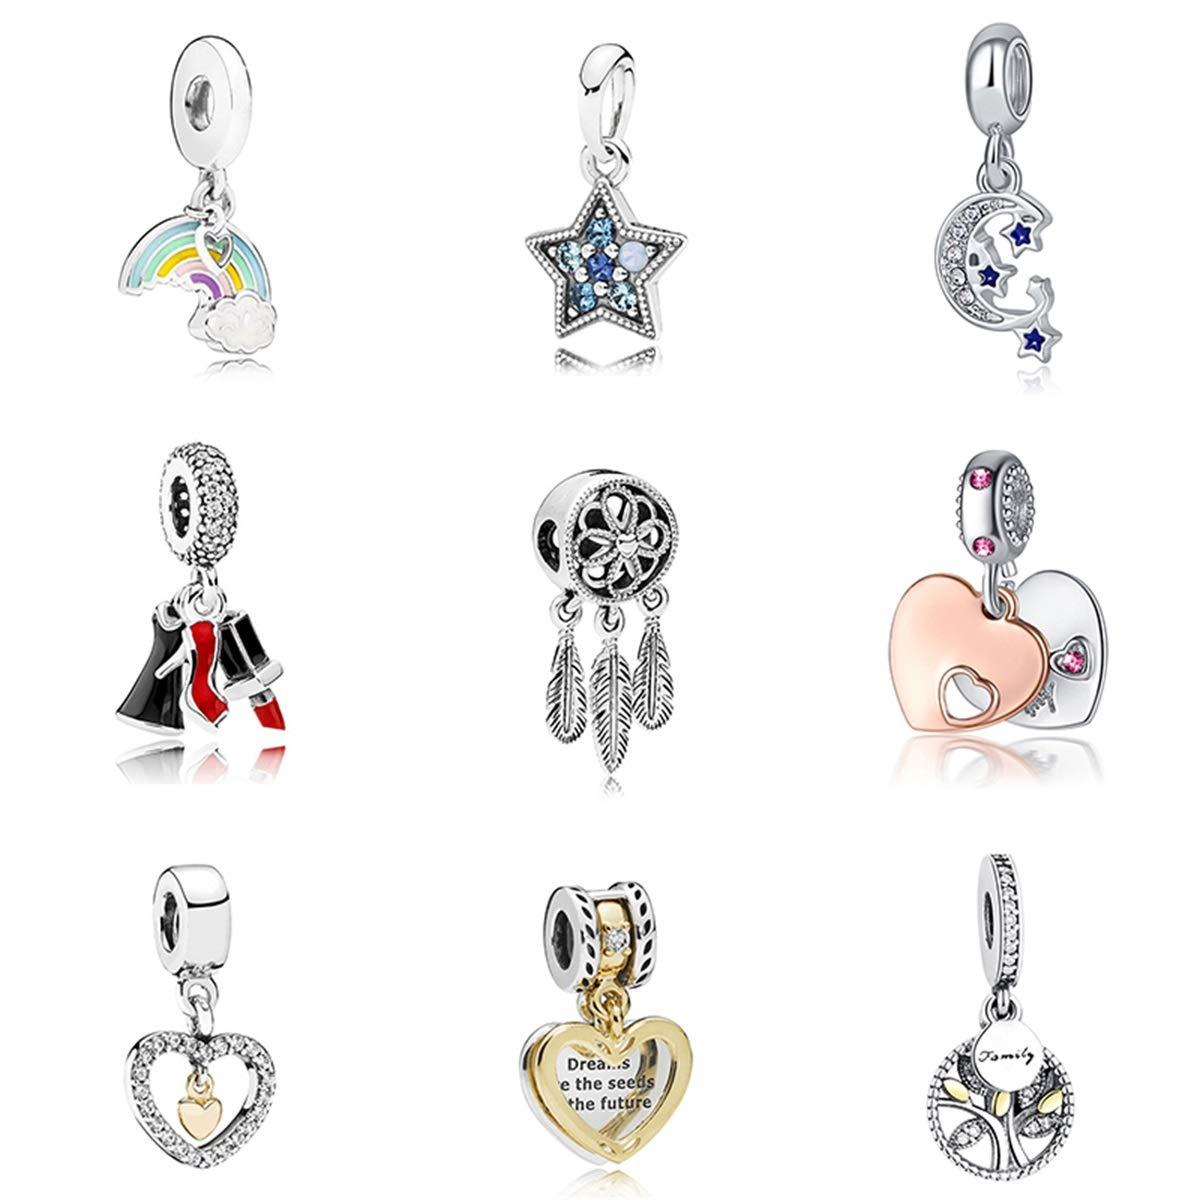 Styliee Charme de Perles de Cadeau de Bijoux 925 Sliver Bead Rose Gold Enamal Pendant Dangle Charm Fit Bracelet Necklace DIY Women Jewelry